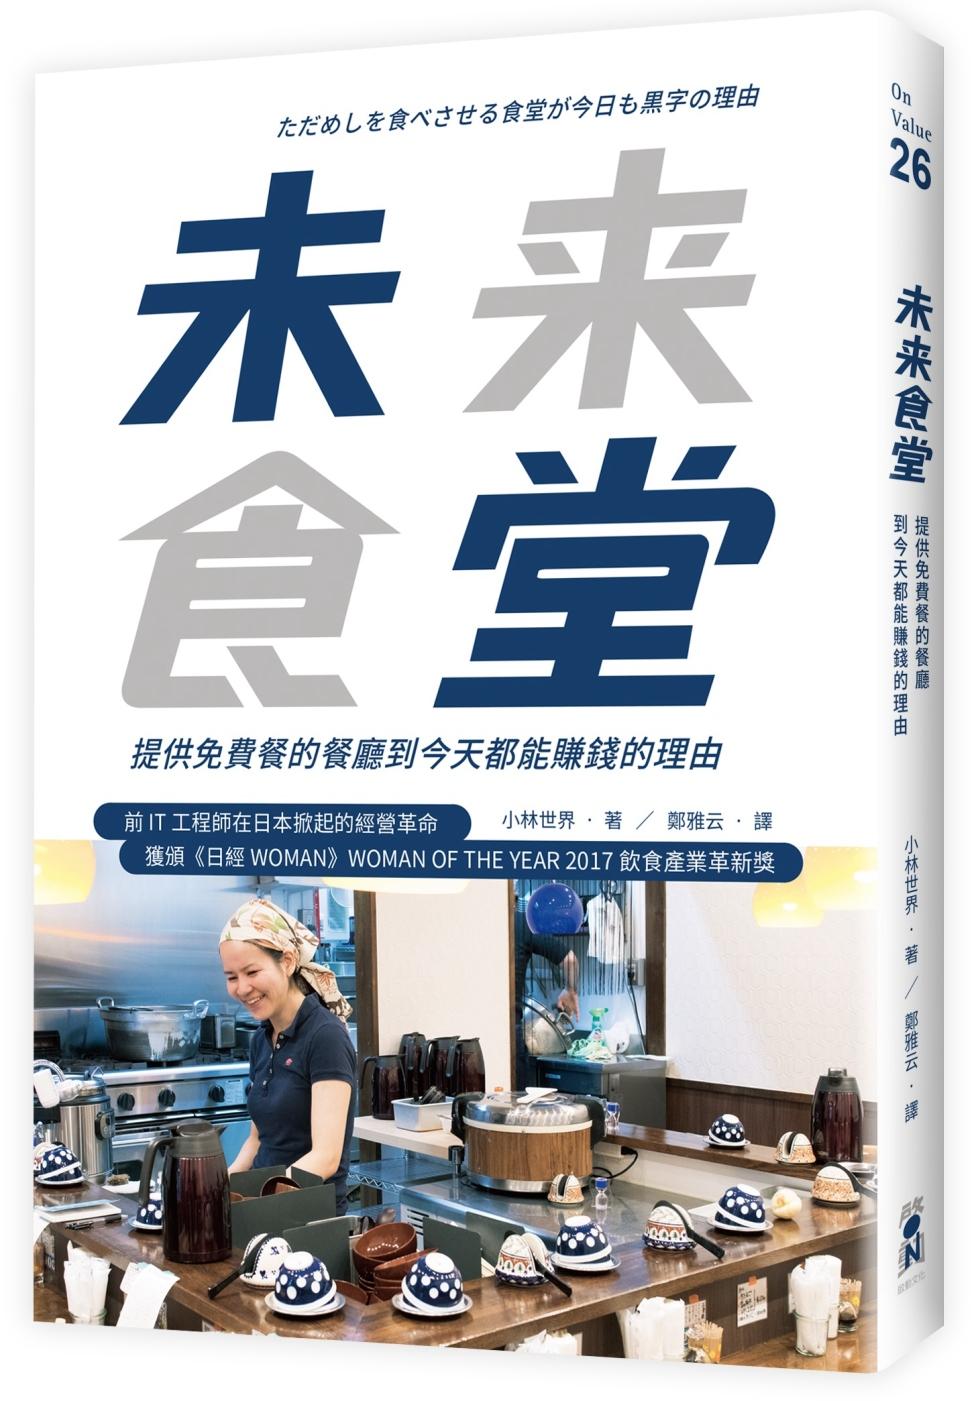 未來食堂:提供免費餐的餐廳到今天都能賺錢的理由